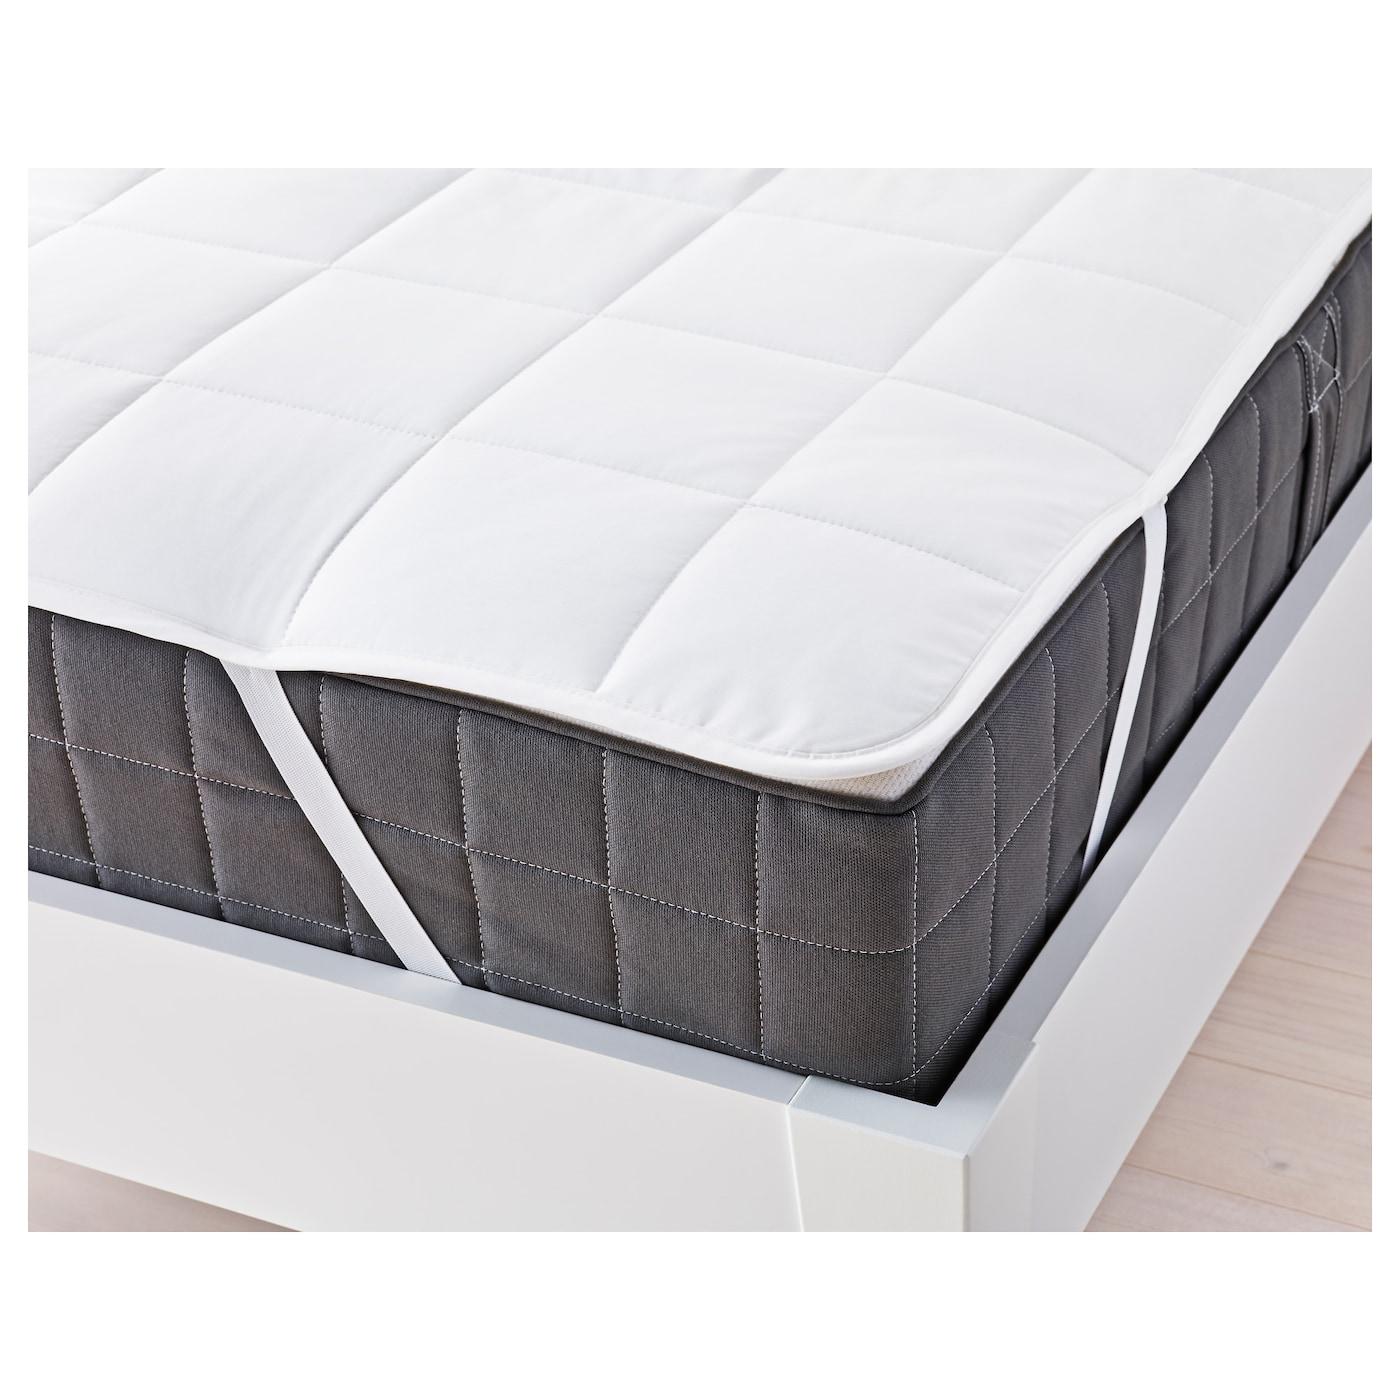 Kungsmynta Protector De Colchon 90 X 200 Cm Ikea